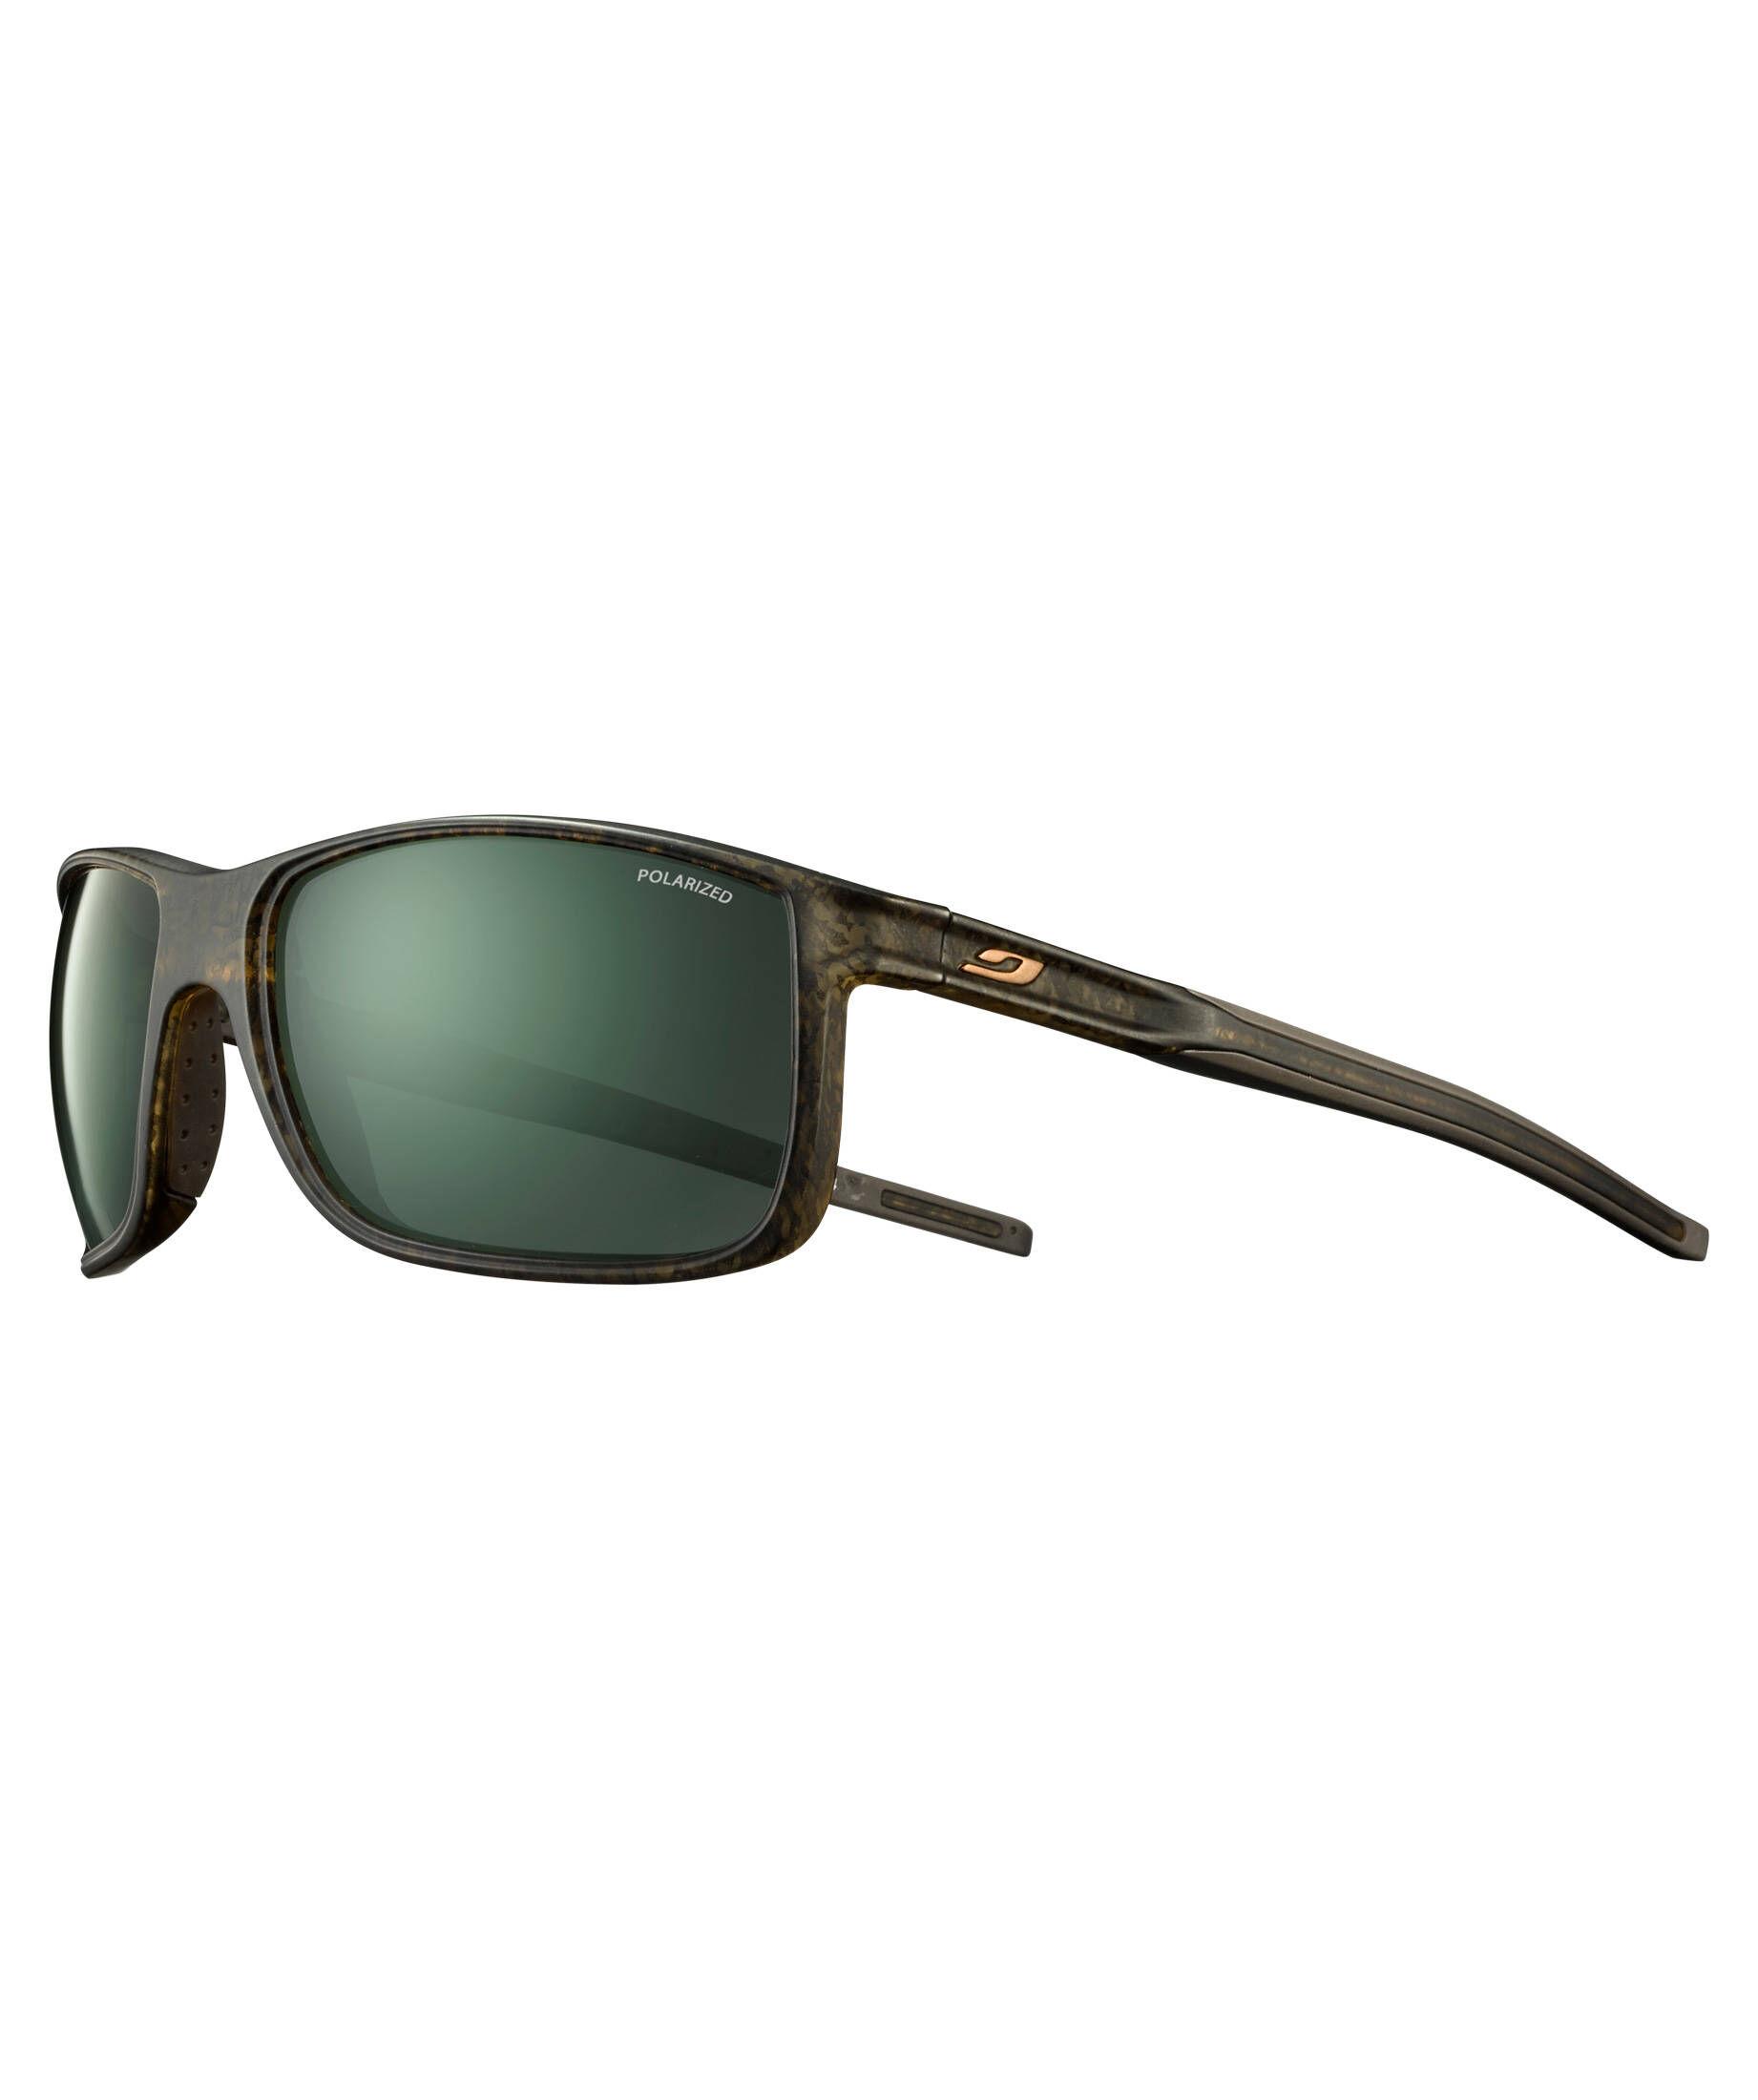 Sonnenbrillen engelhorn sports